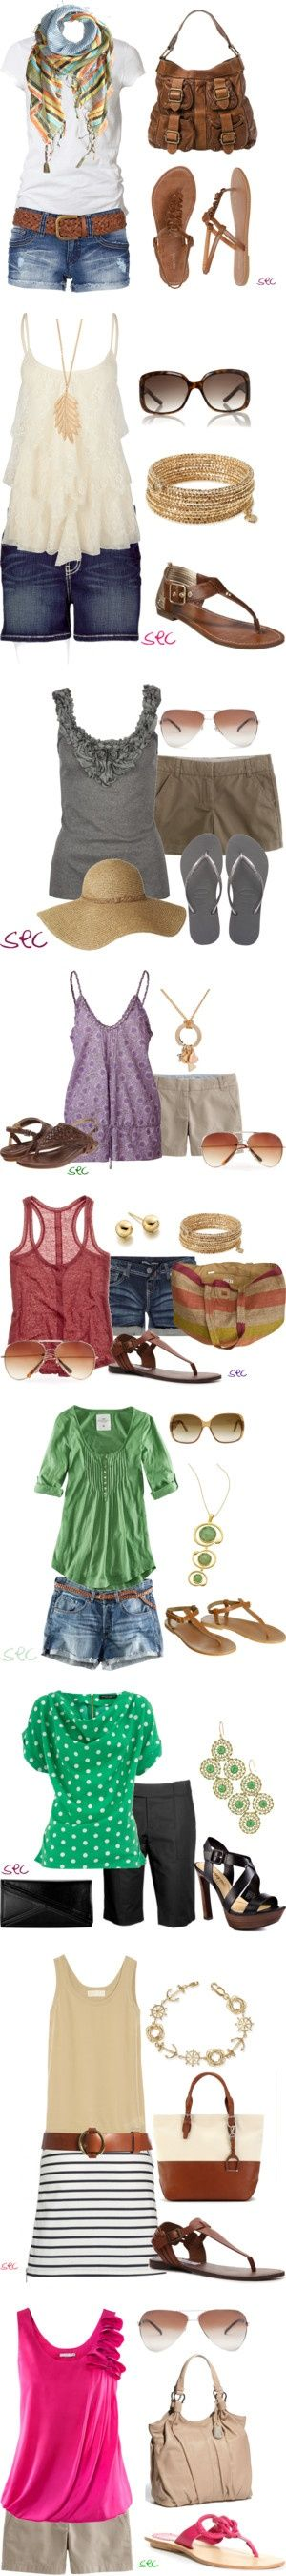 C'mon summer!